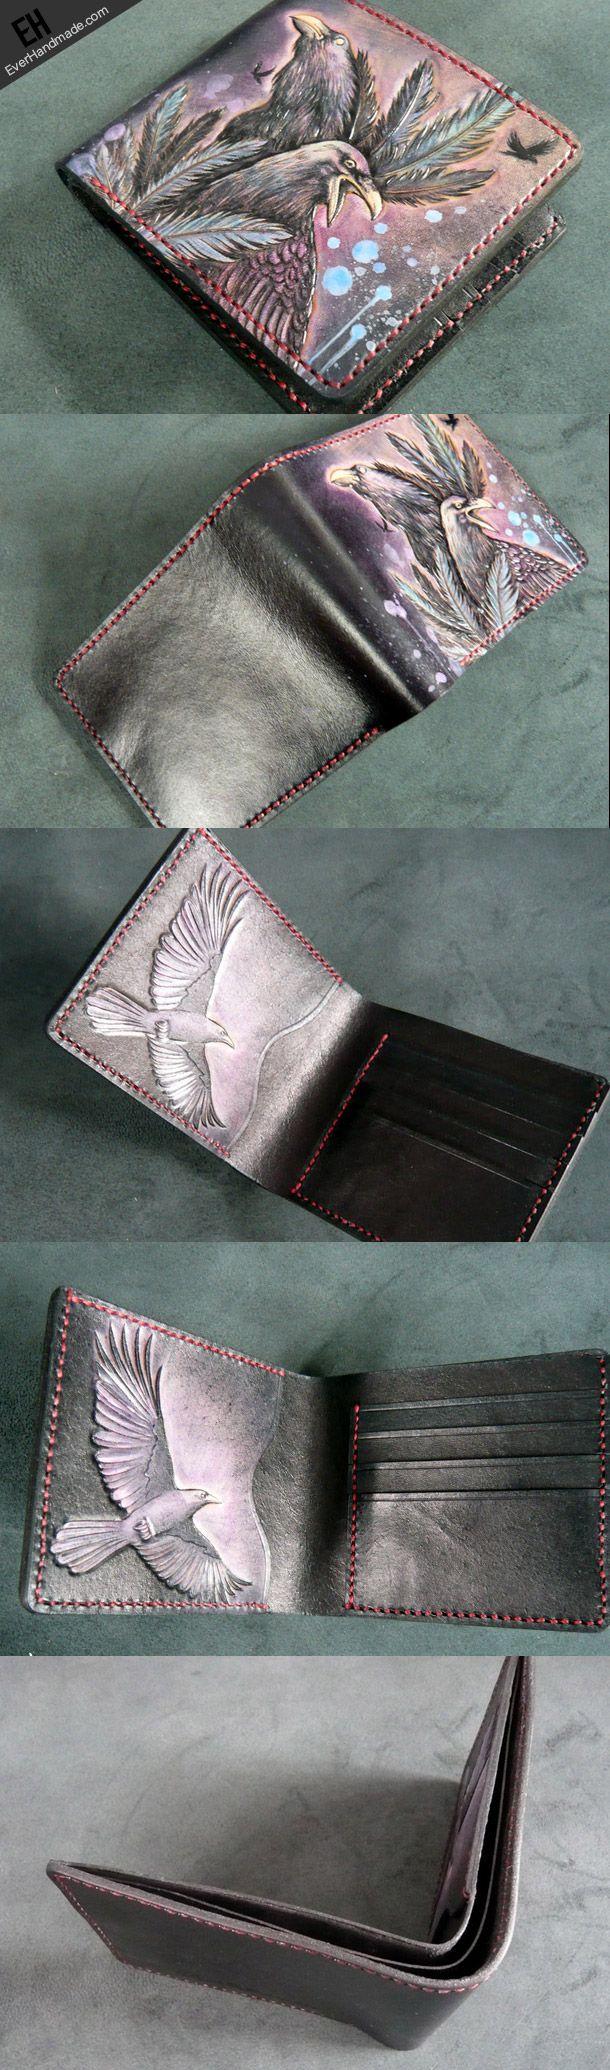 Handmade short leather wallet men Crow carved leather short wallet for men him